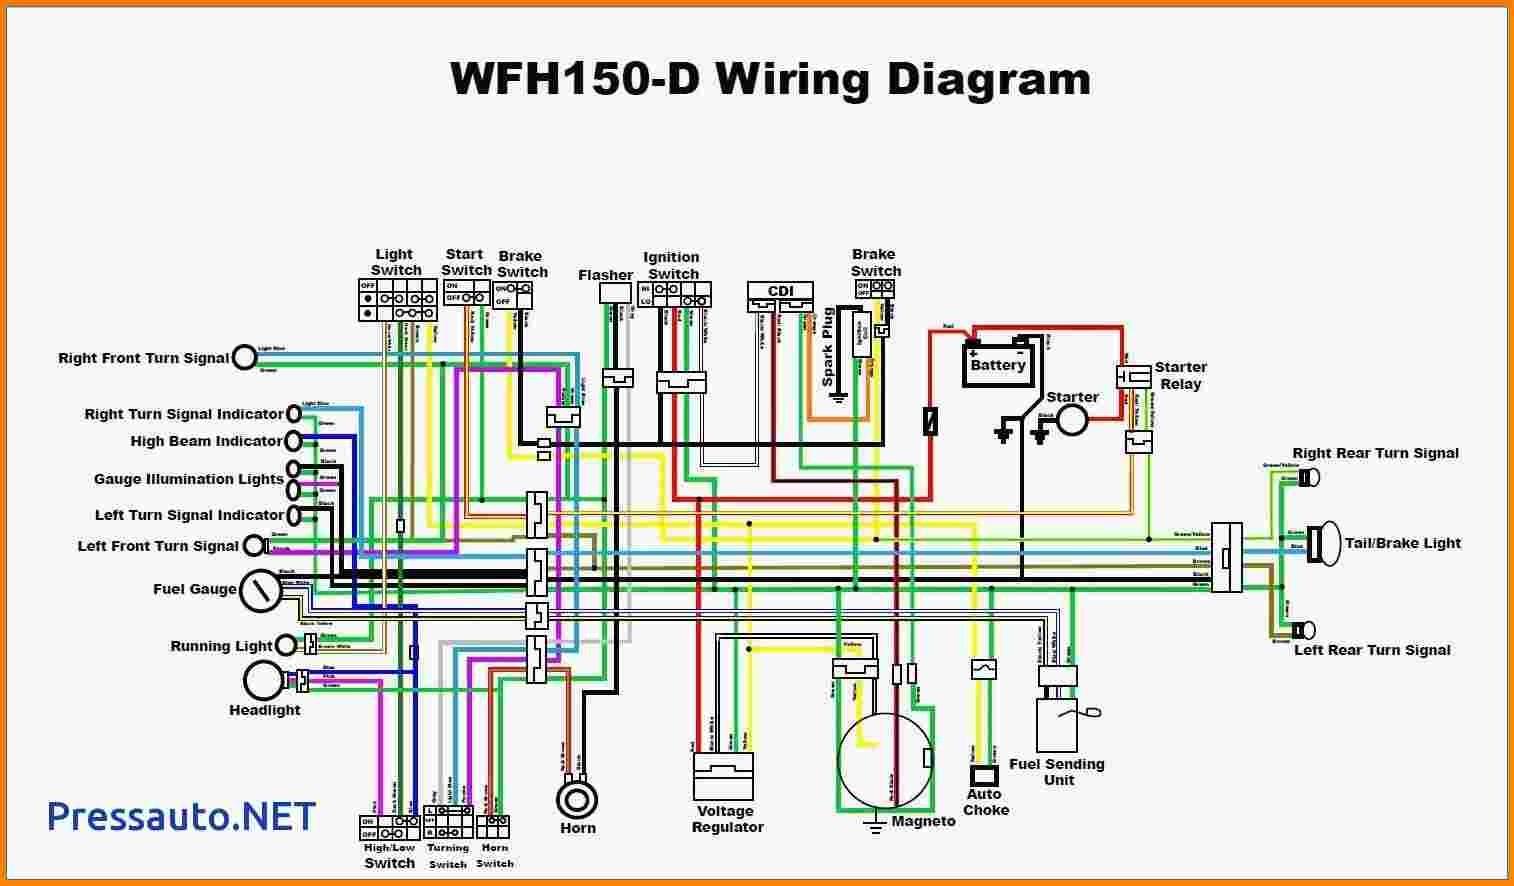 110Cc Quad Wiring Diagram - Wiring Diagram Data Oreo - 110Cc Atv Wiring Diagram